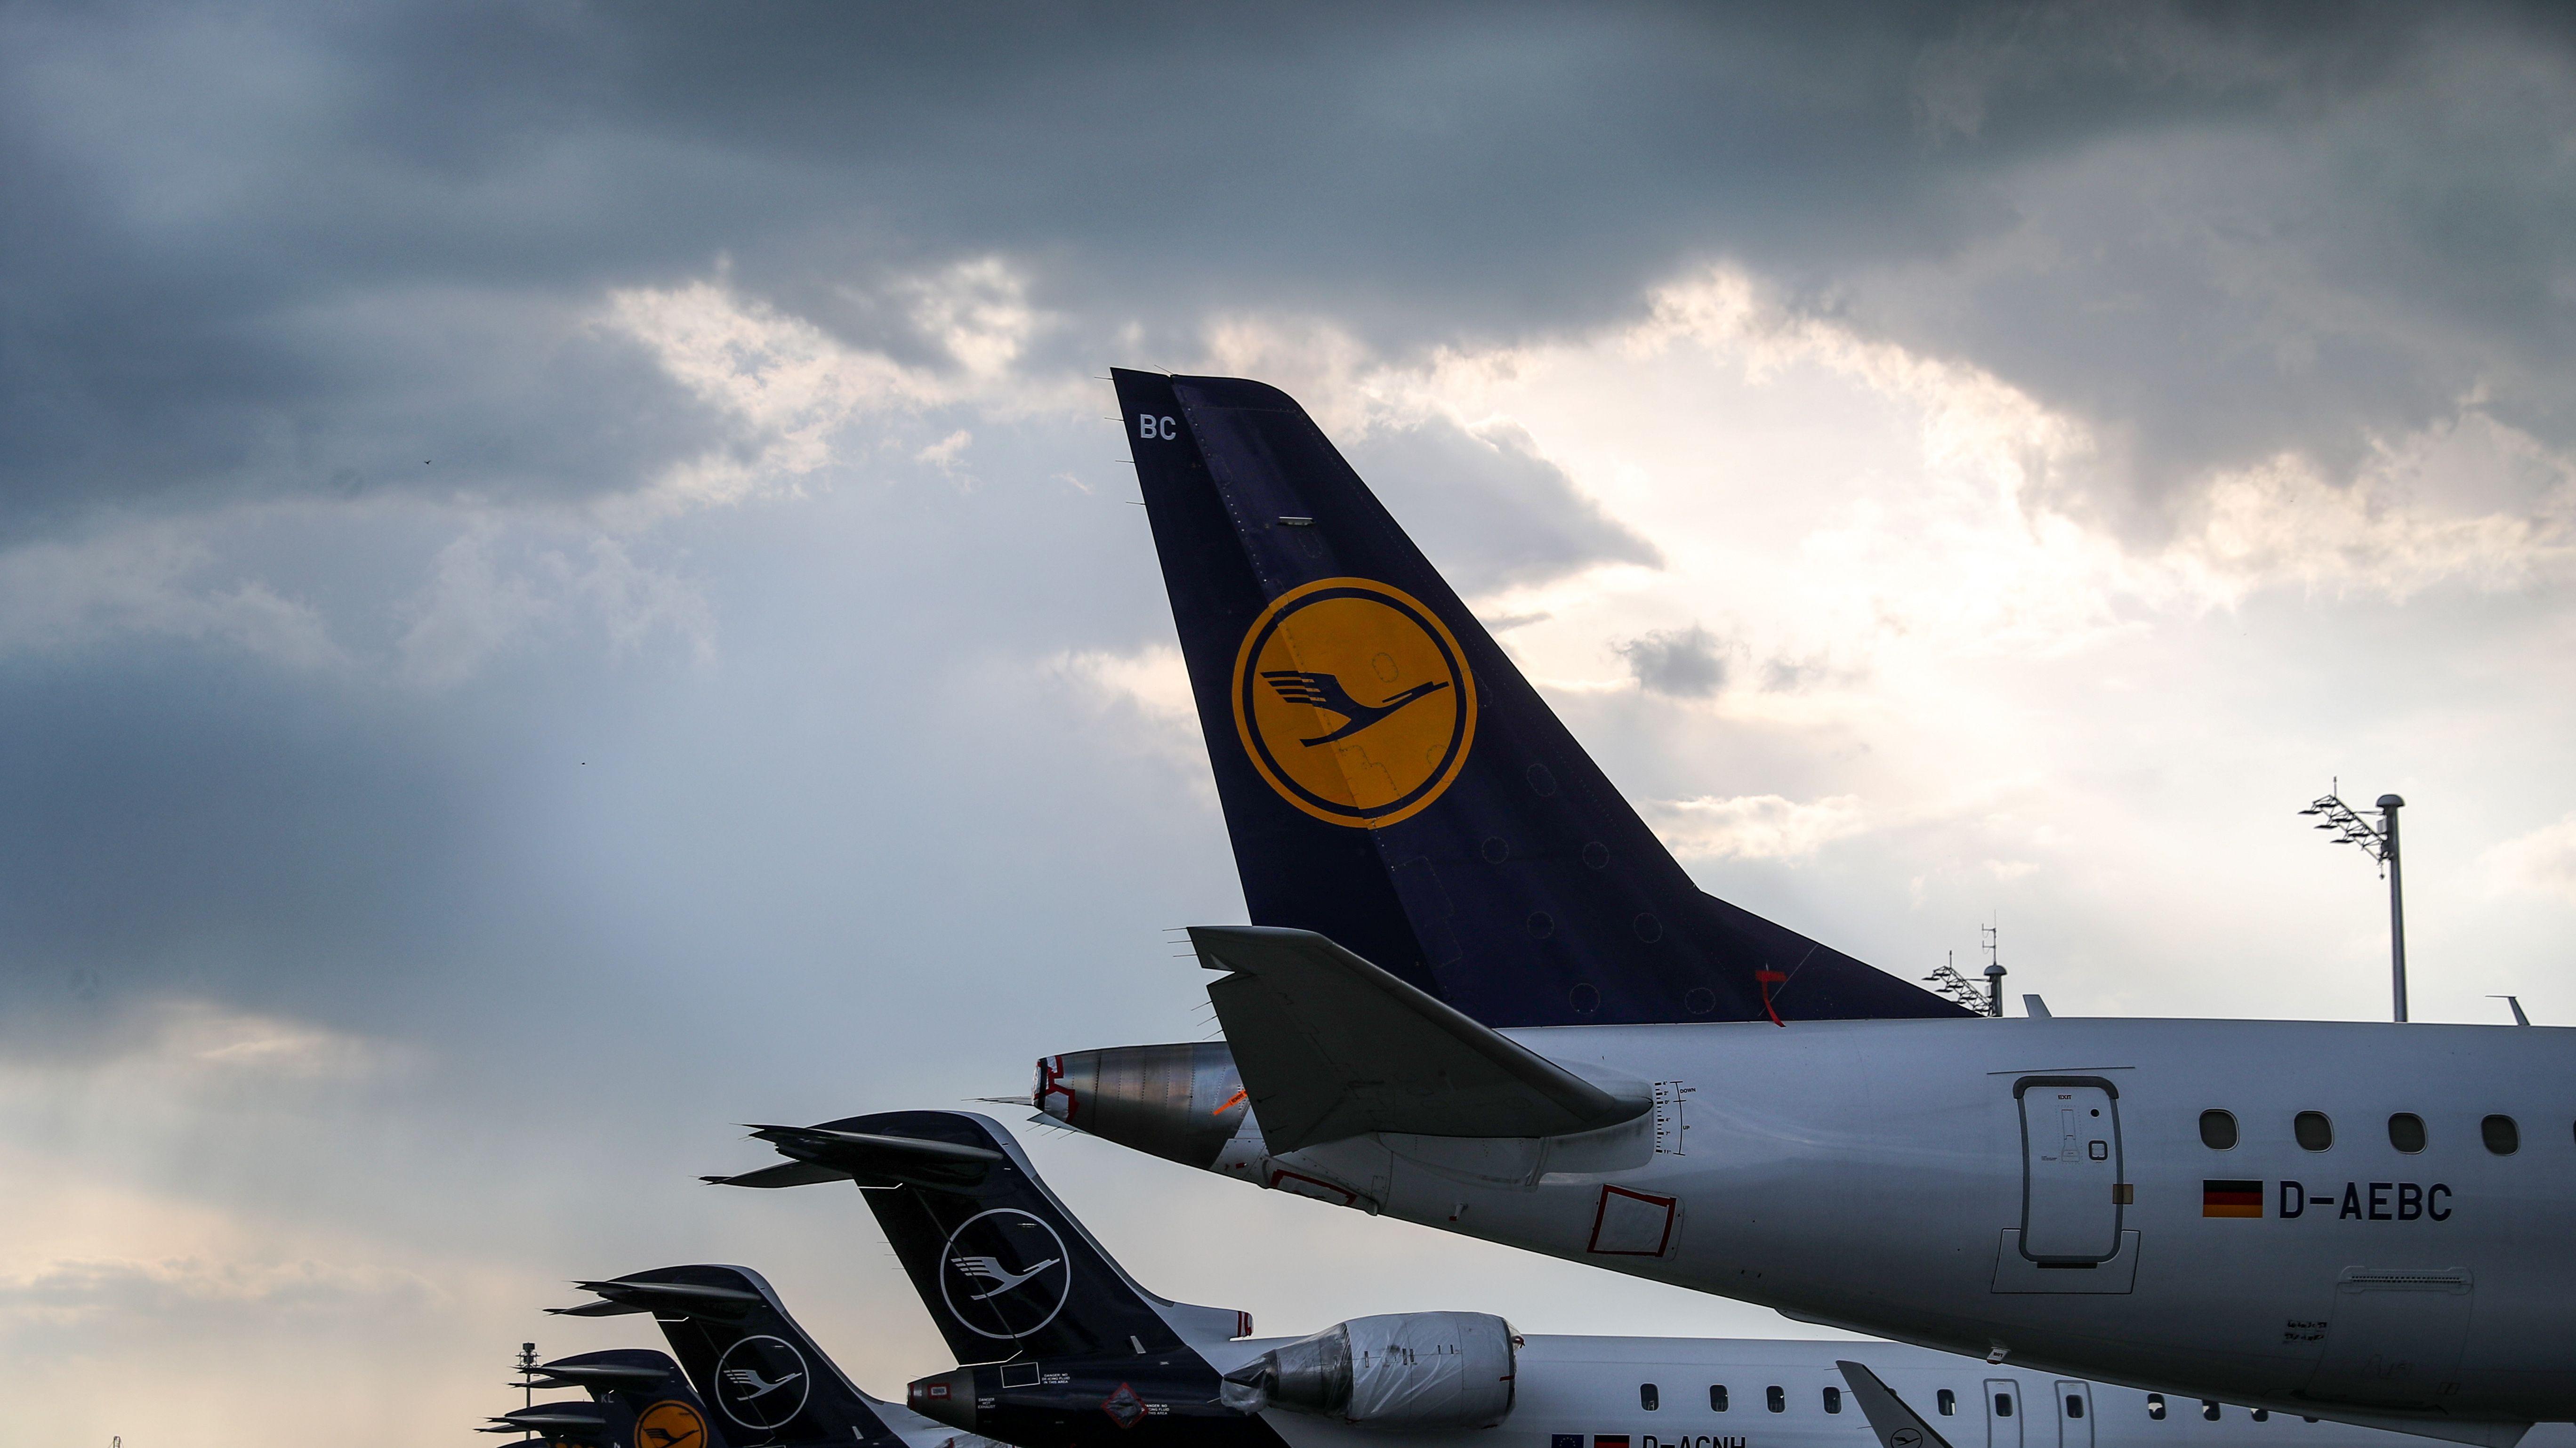 Flugzeuge der Lufthansa stehen nebeneinander am Boden